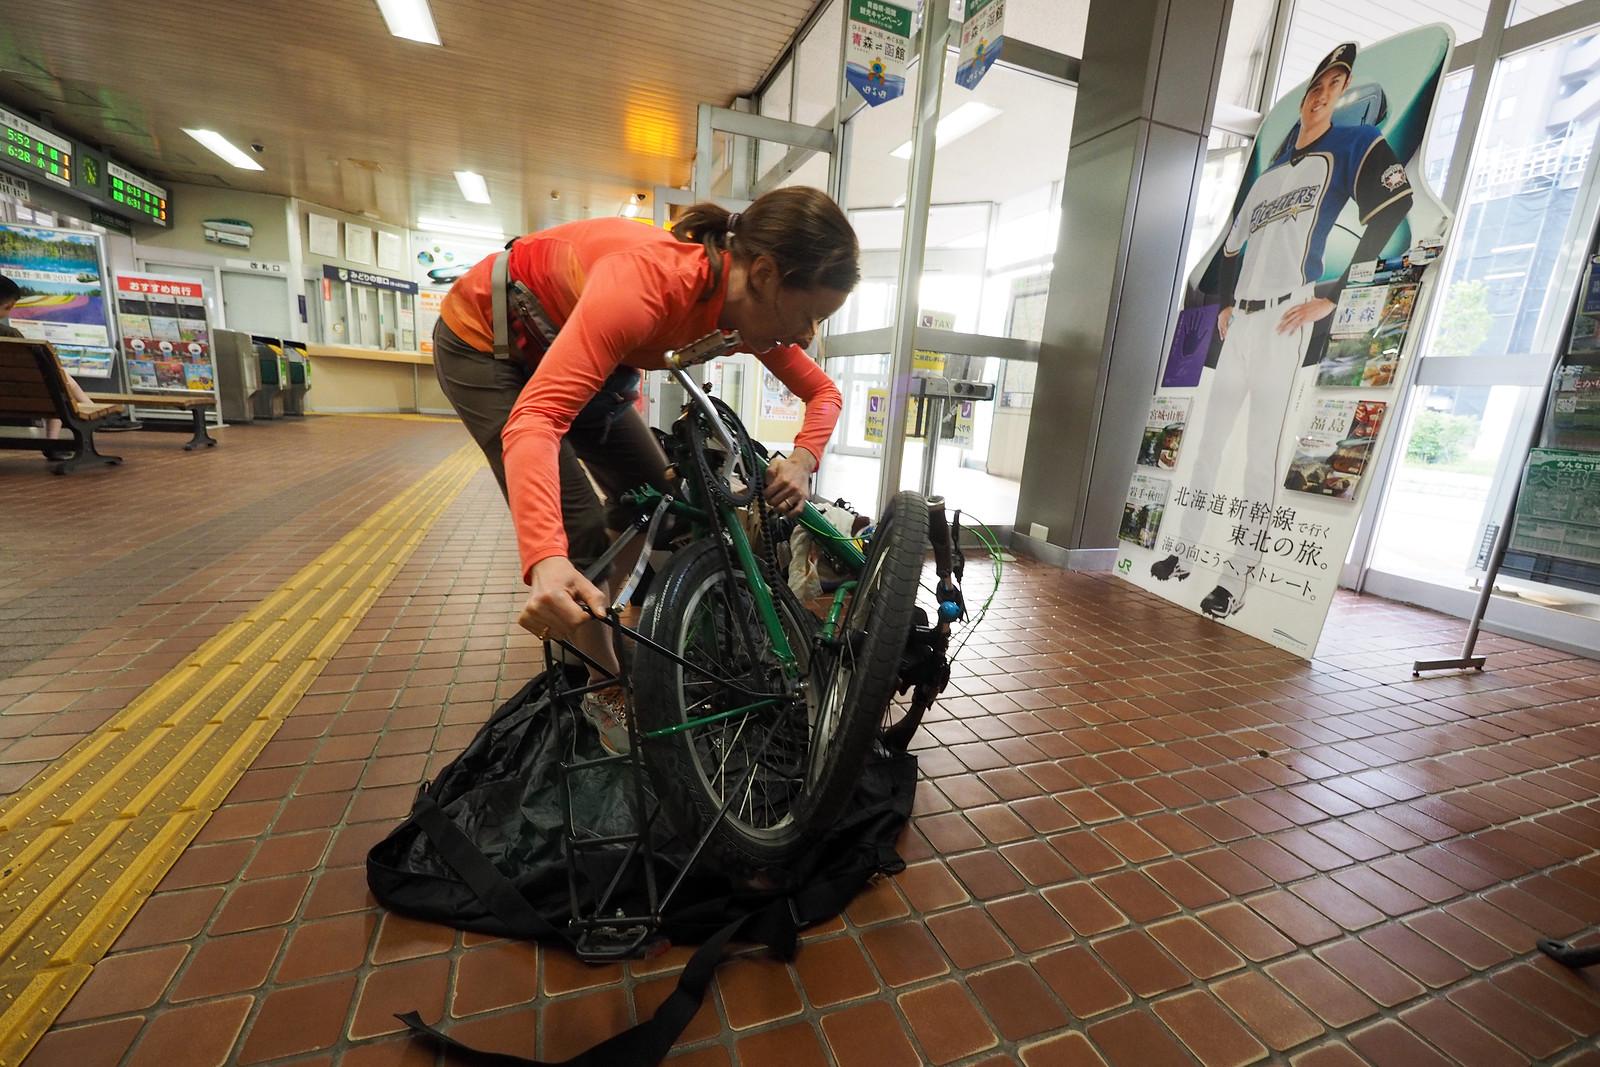 Akaikawa weekend cycle touring (Hokkaido, Japan)